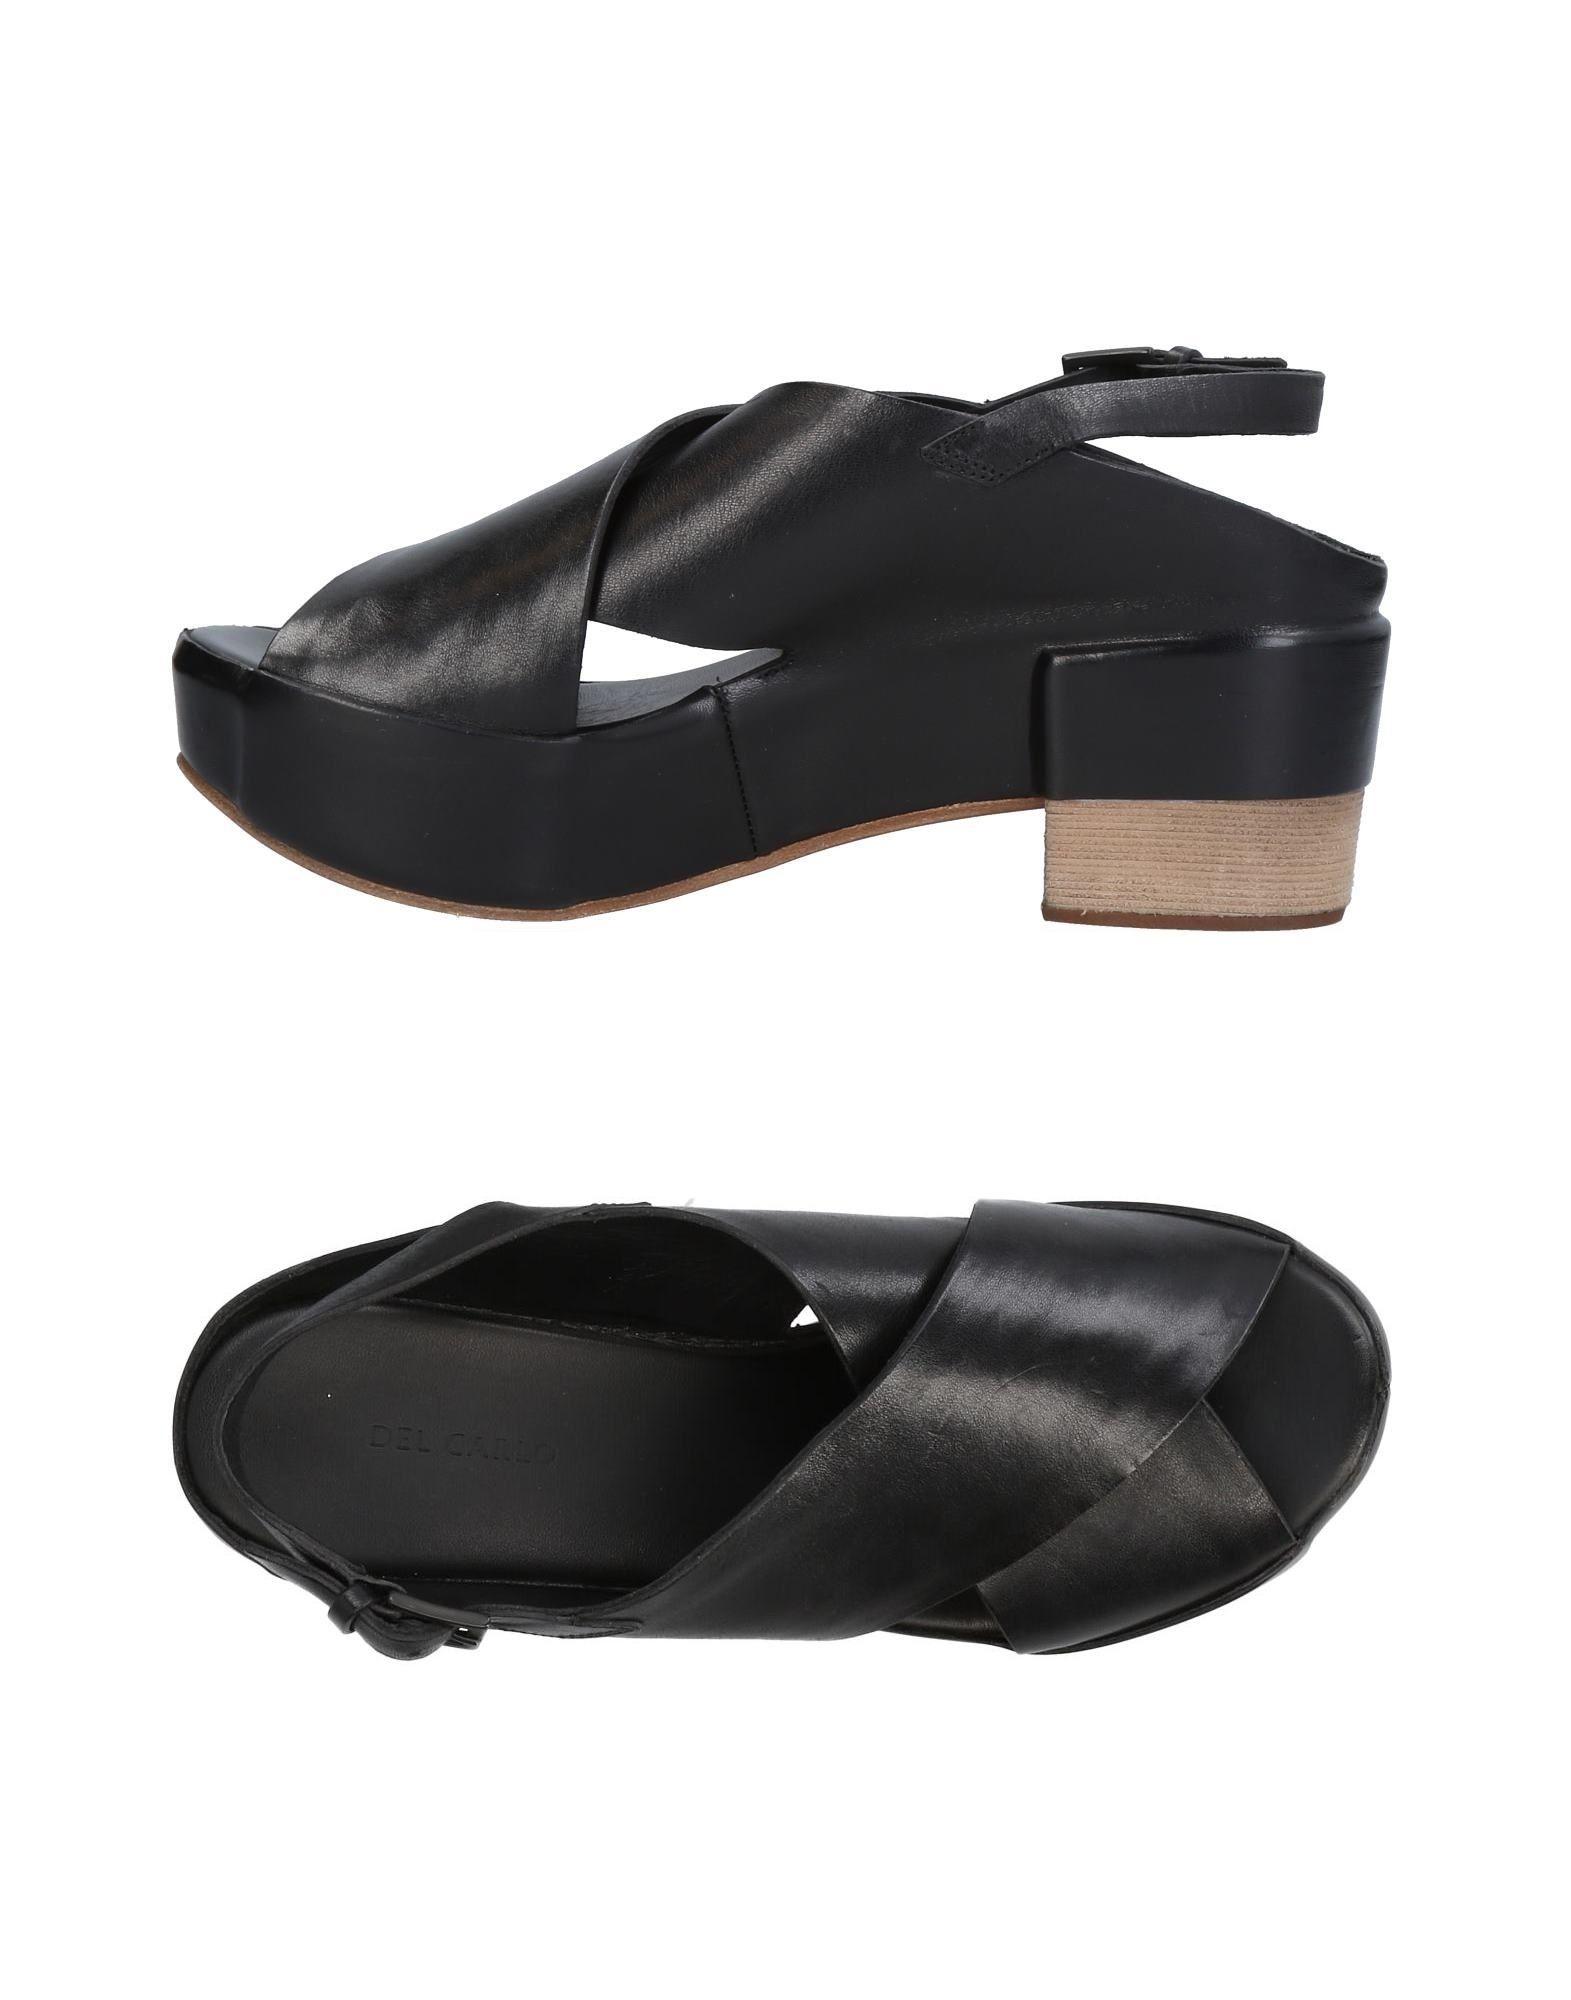 Del Carlo - Sandals - Carlo Women Del Carlo Sandals online on  Australia - 11425951UH 88cbfa